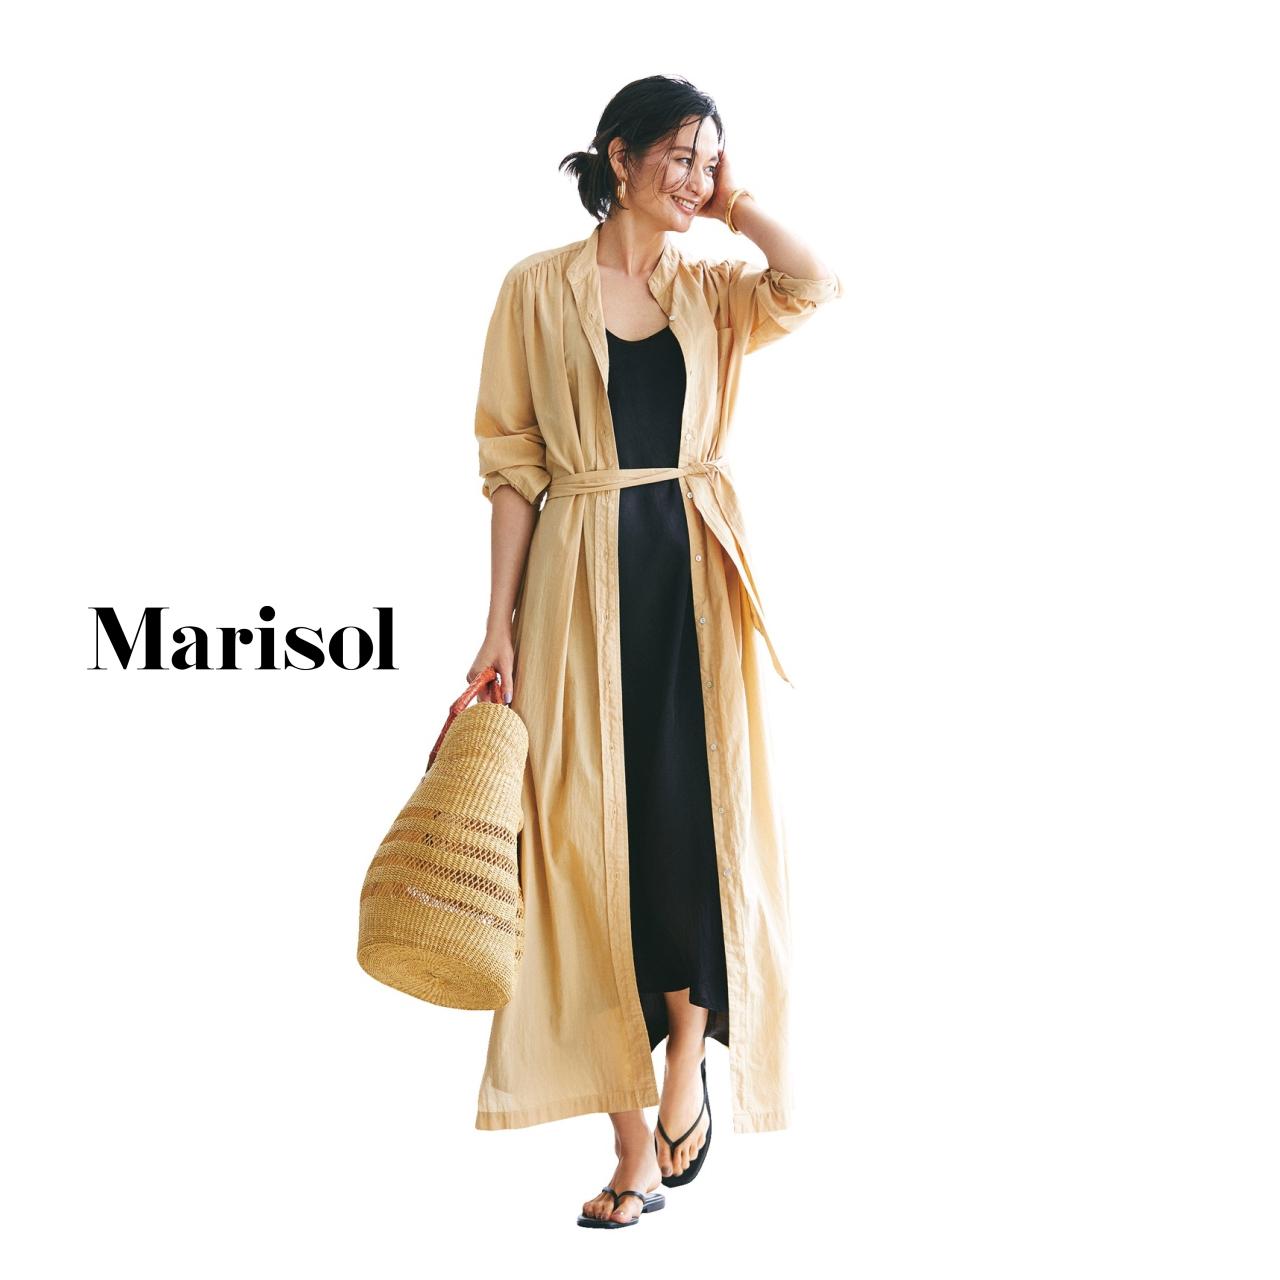 40代ファッション シャツワンピース×キャミワンピースコーデ